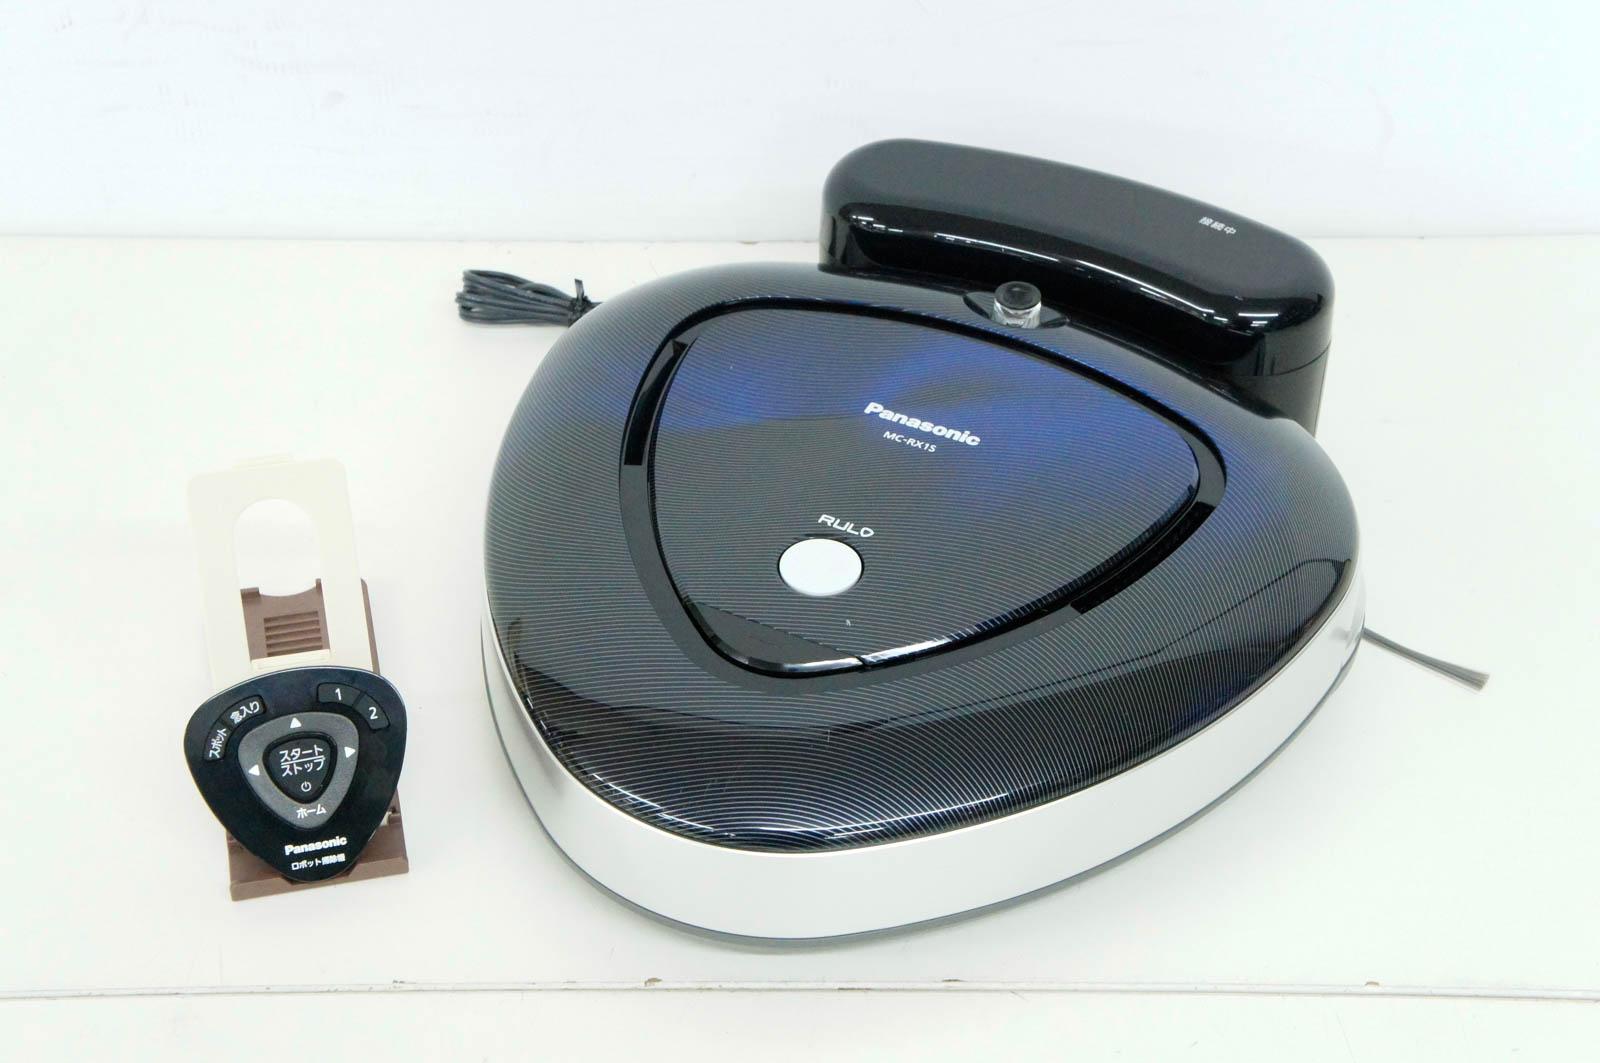 【中古】Panasonicパナソニック ロボット掃除機 RULOルーロ MC-RX1S-K ブラック